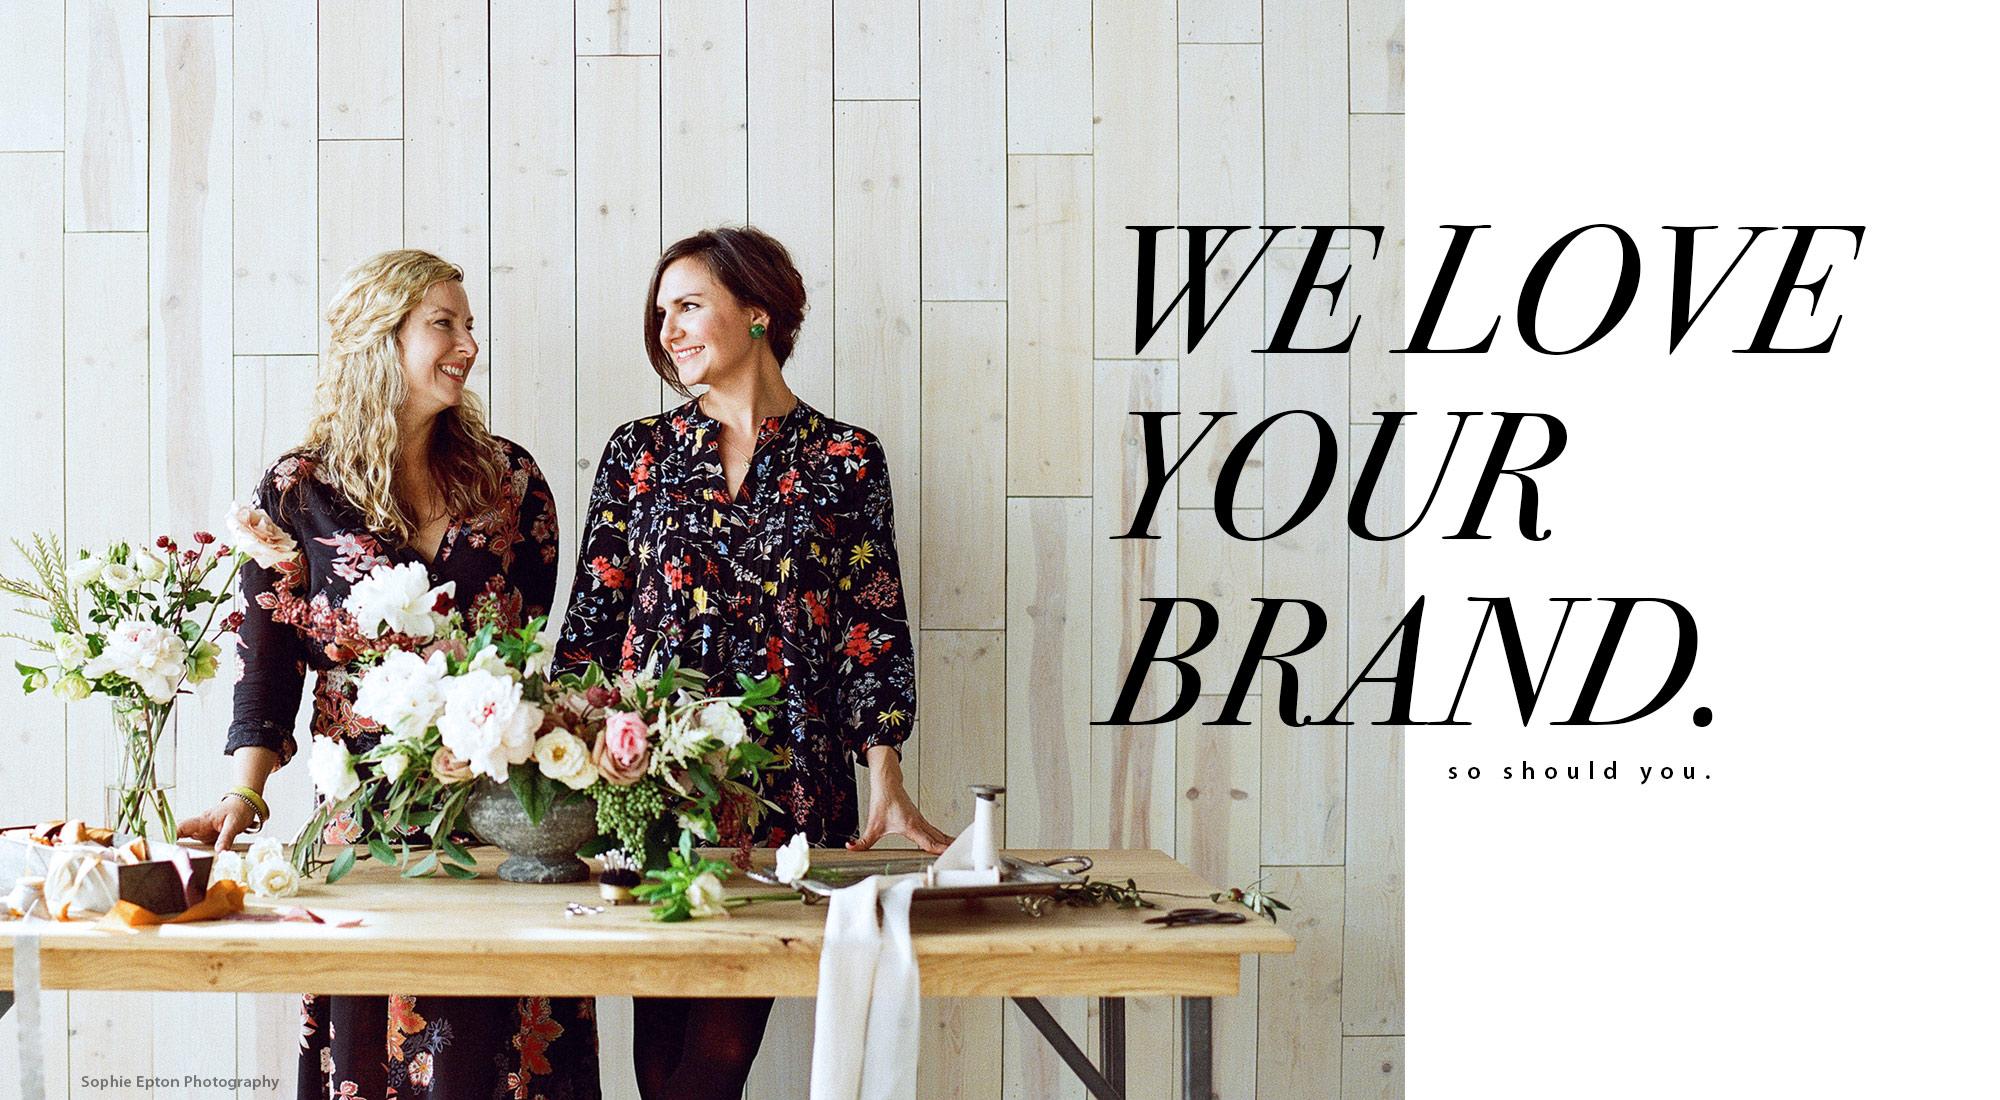 Brandlink media - We Love Your Brand. So should you.